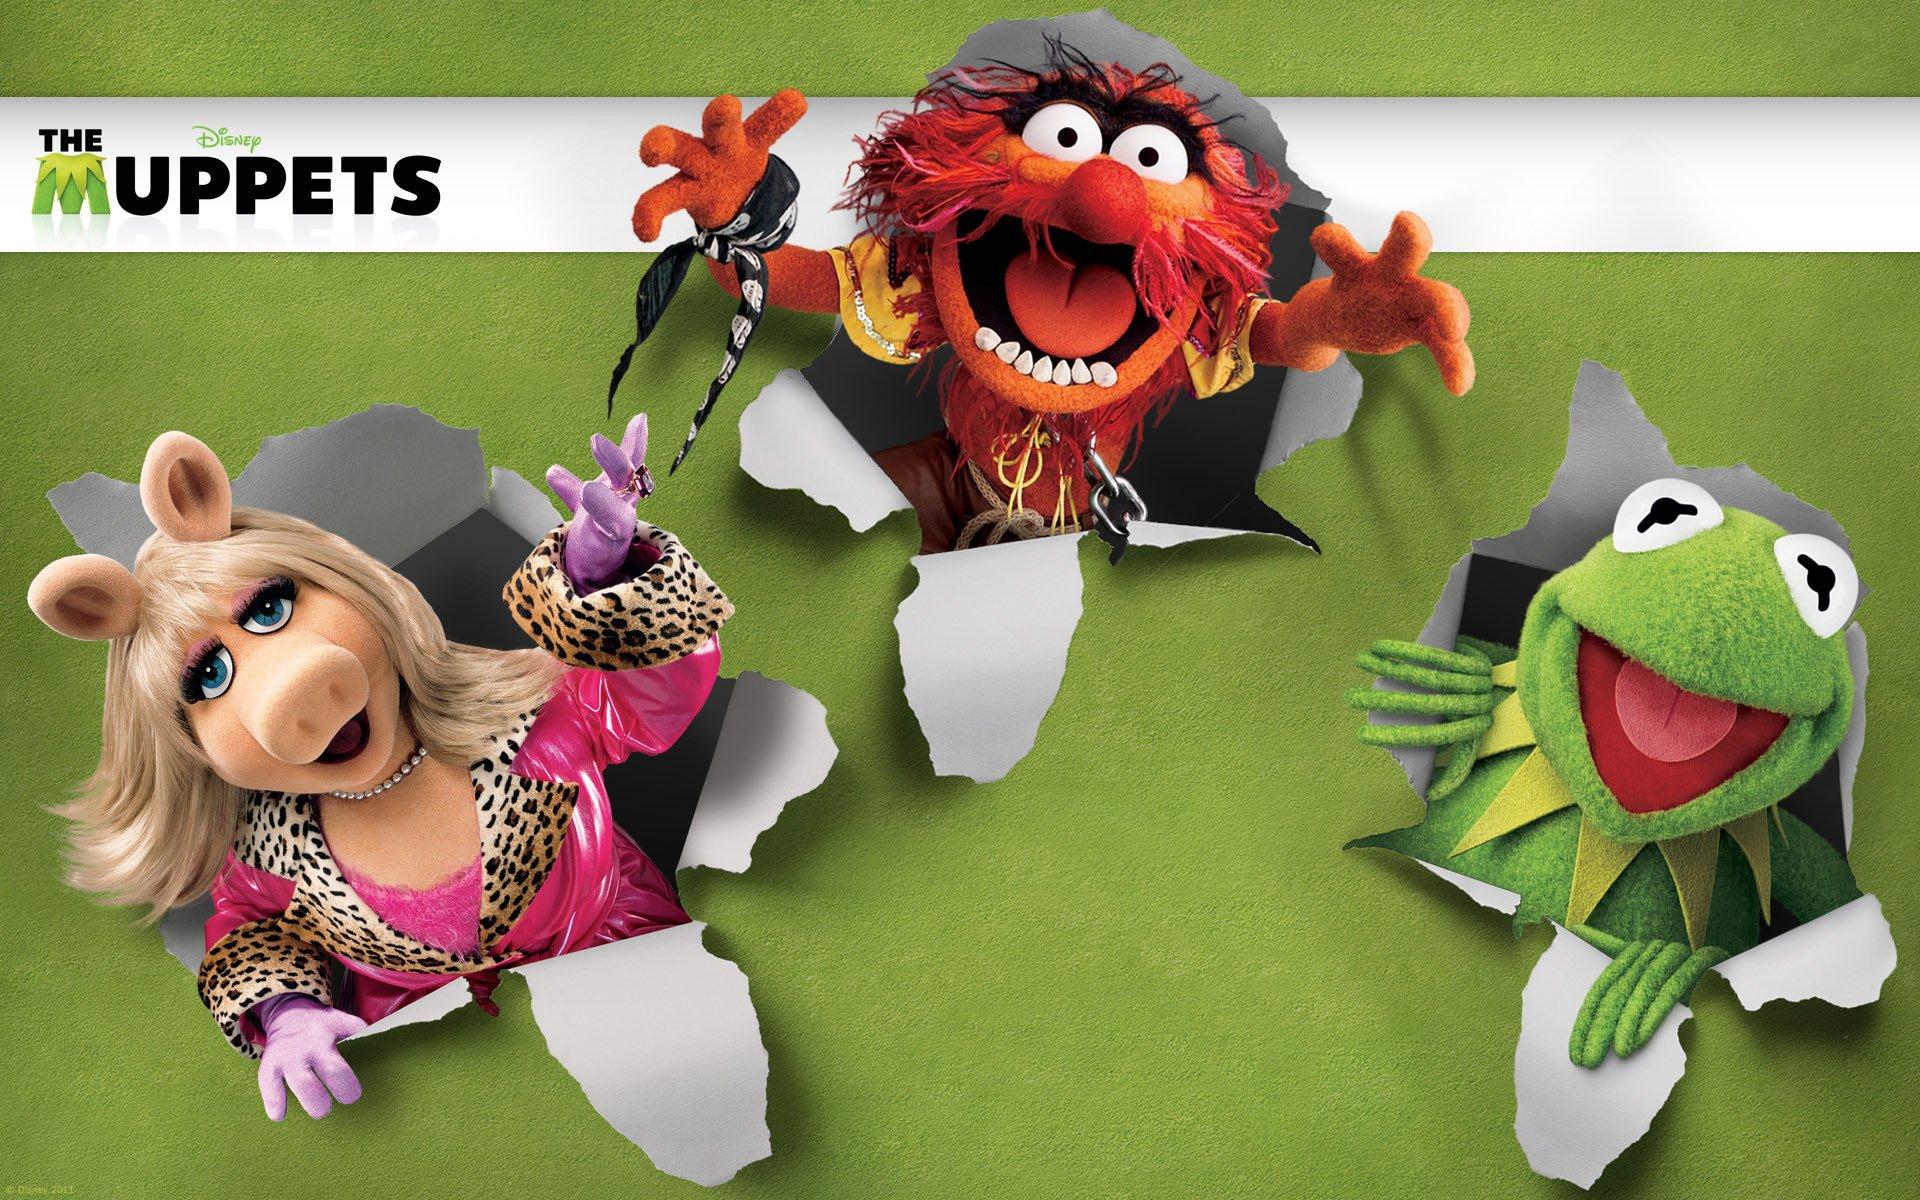 Funny Frog Wallpaper Quotes And Pictures Beaker Muppets Desktop Wallpaper Pixelstalk Net